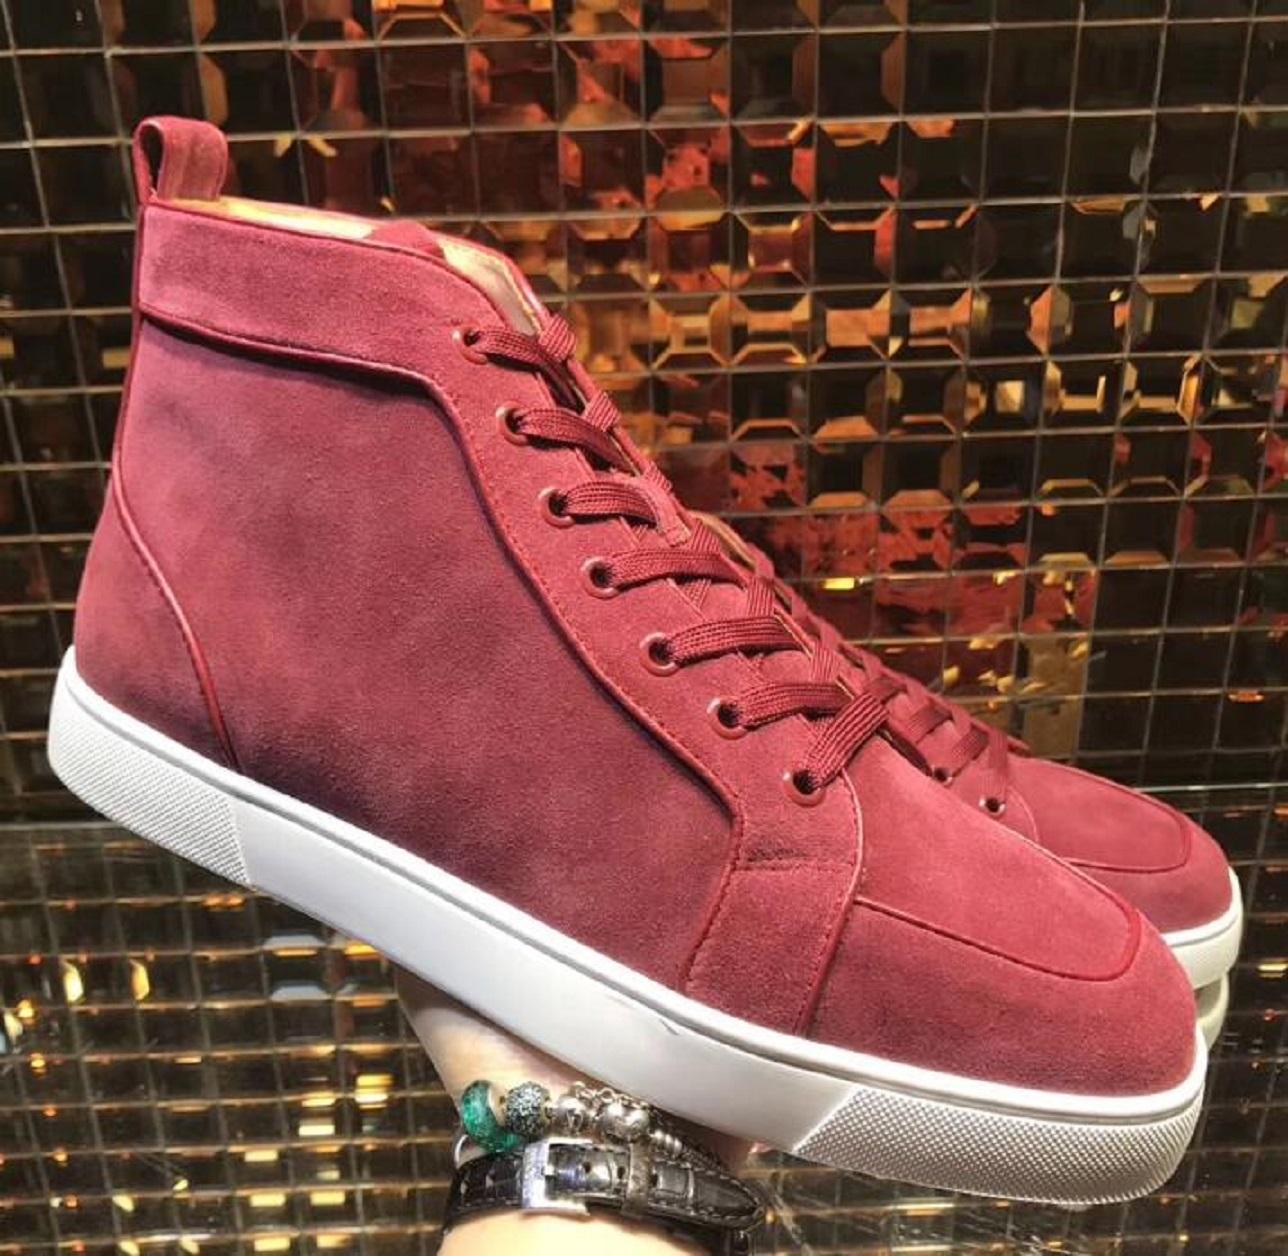 Hacer en calidad estupenda Deportes zapatillas inferior rojo de cuero gris Juvenil Masculino de Pisos escotados de los hombres de las zapatillas de deporte de la lona de lona estilo Formadores